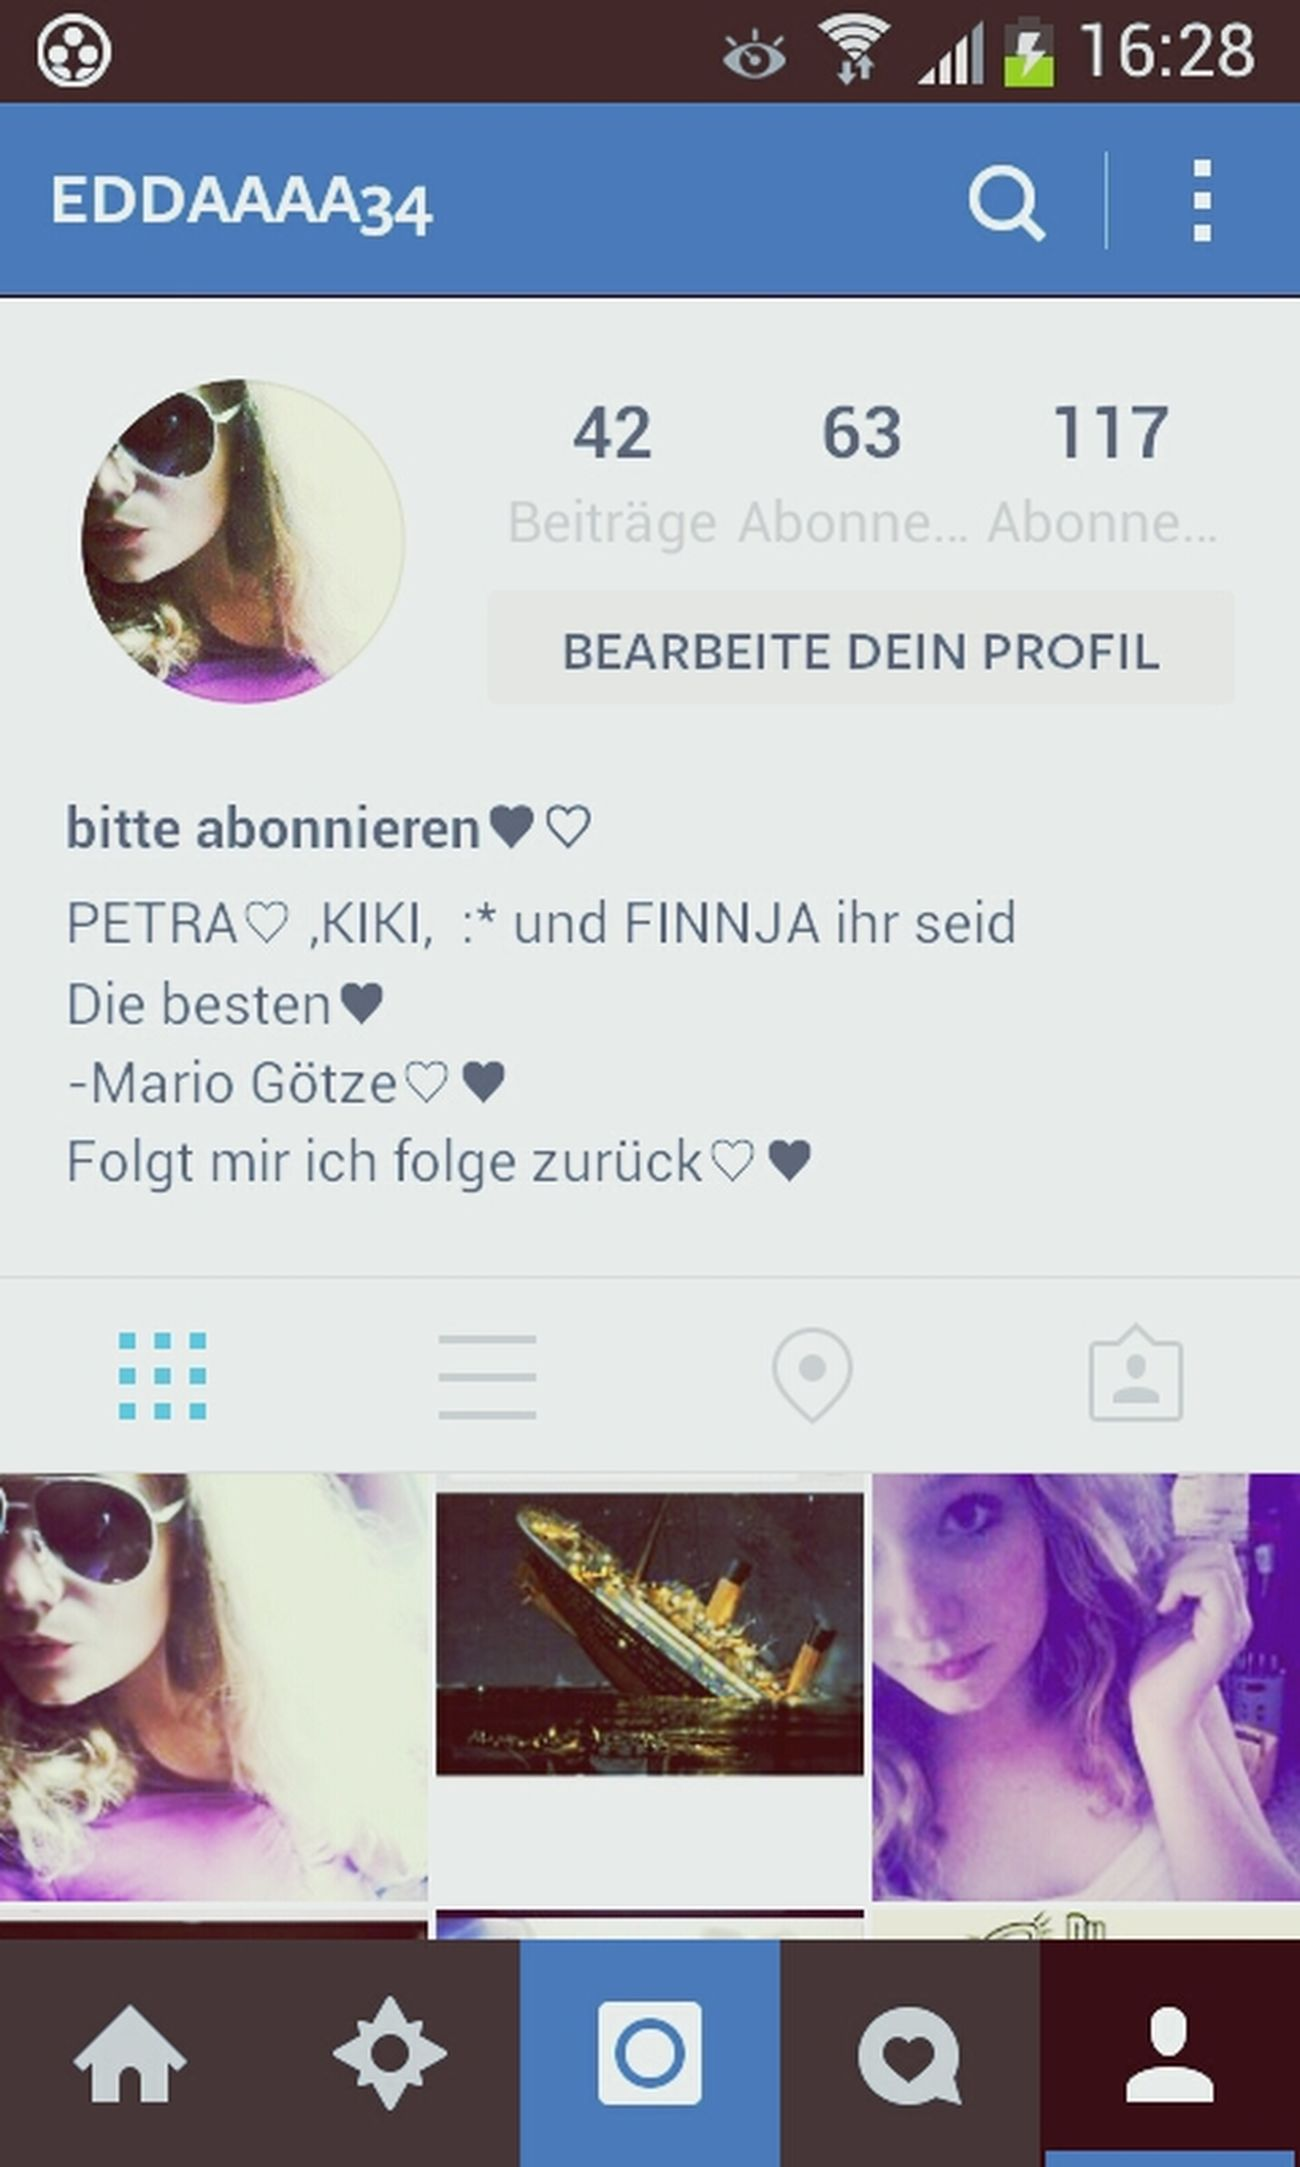 Instagram♡ Folgt Mir Und Ich Folge Zurück♥ xD Hello World !